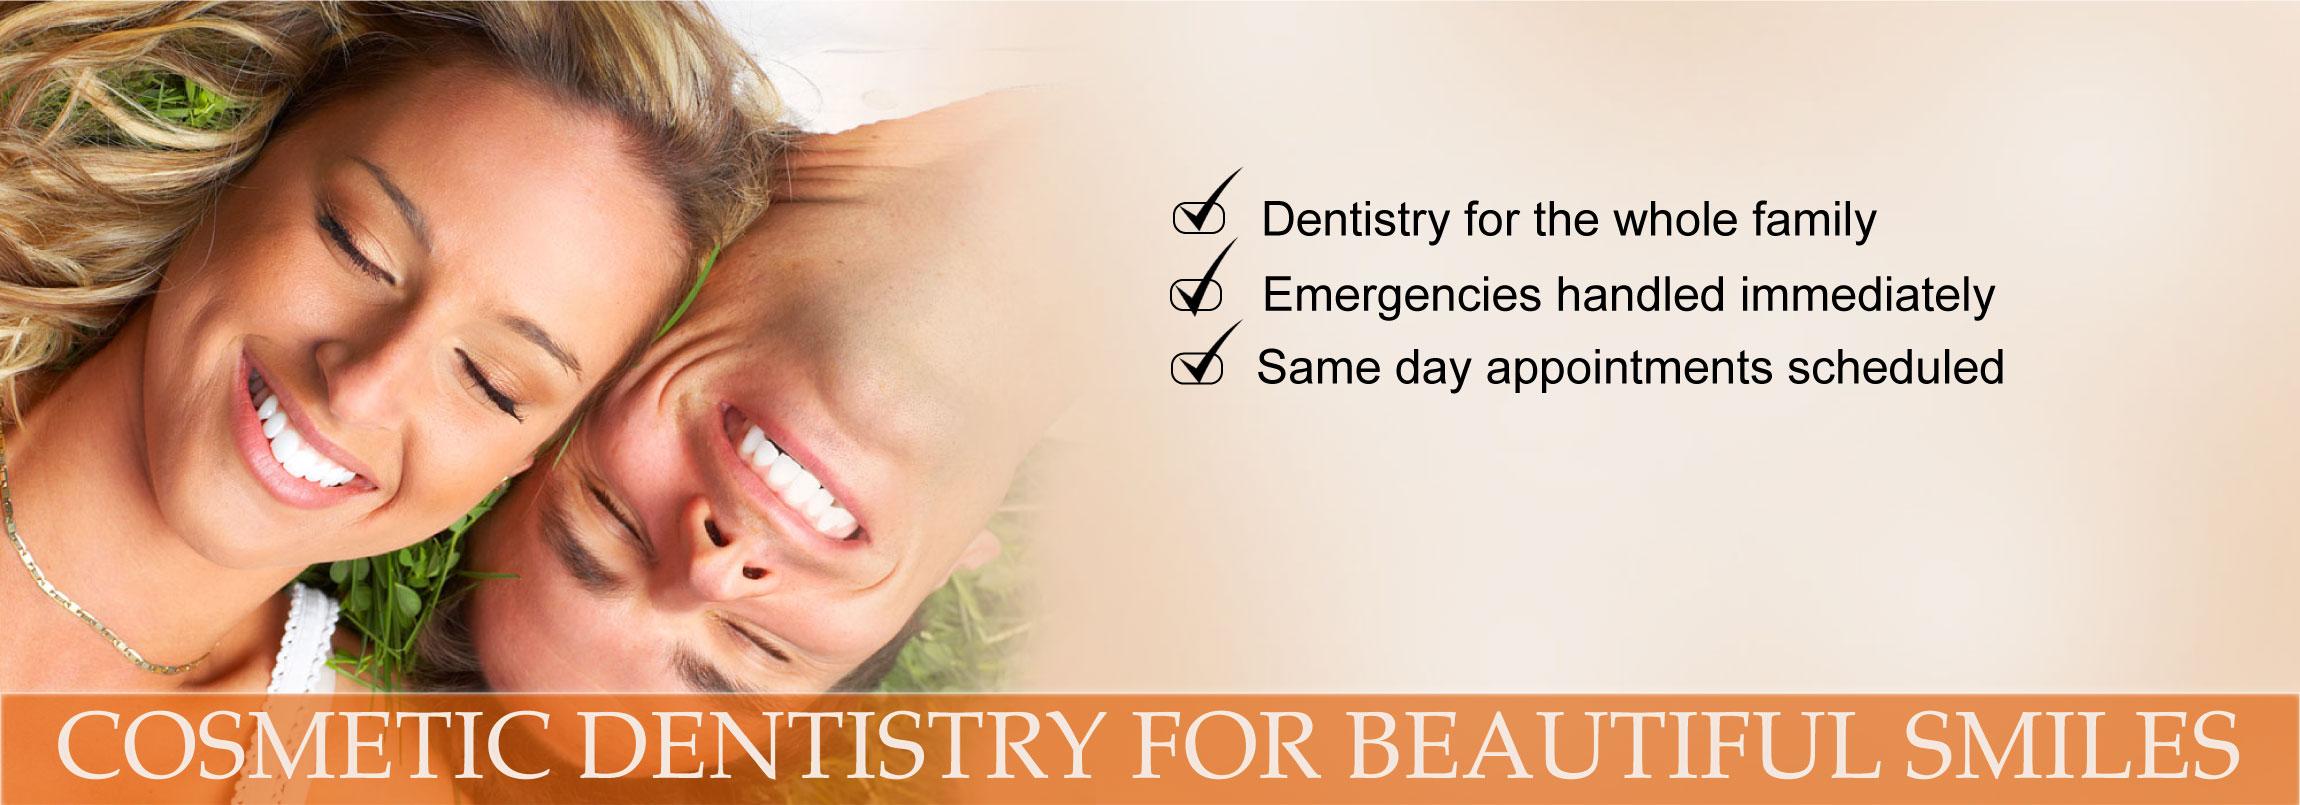 Cosmetic Dentistry - Veneers, Dental Implants